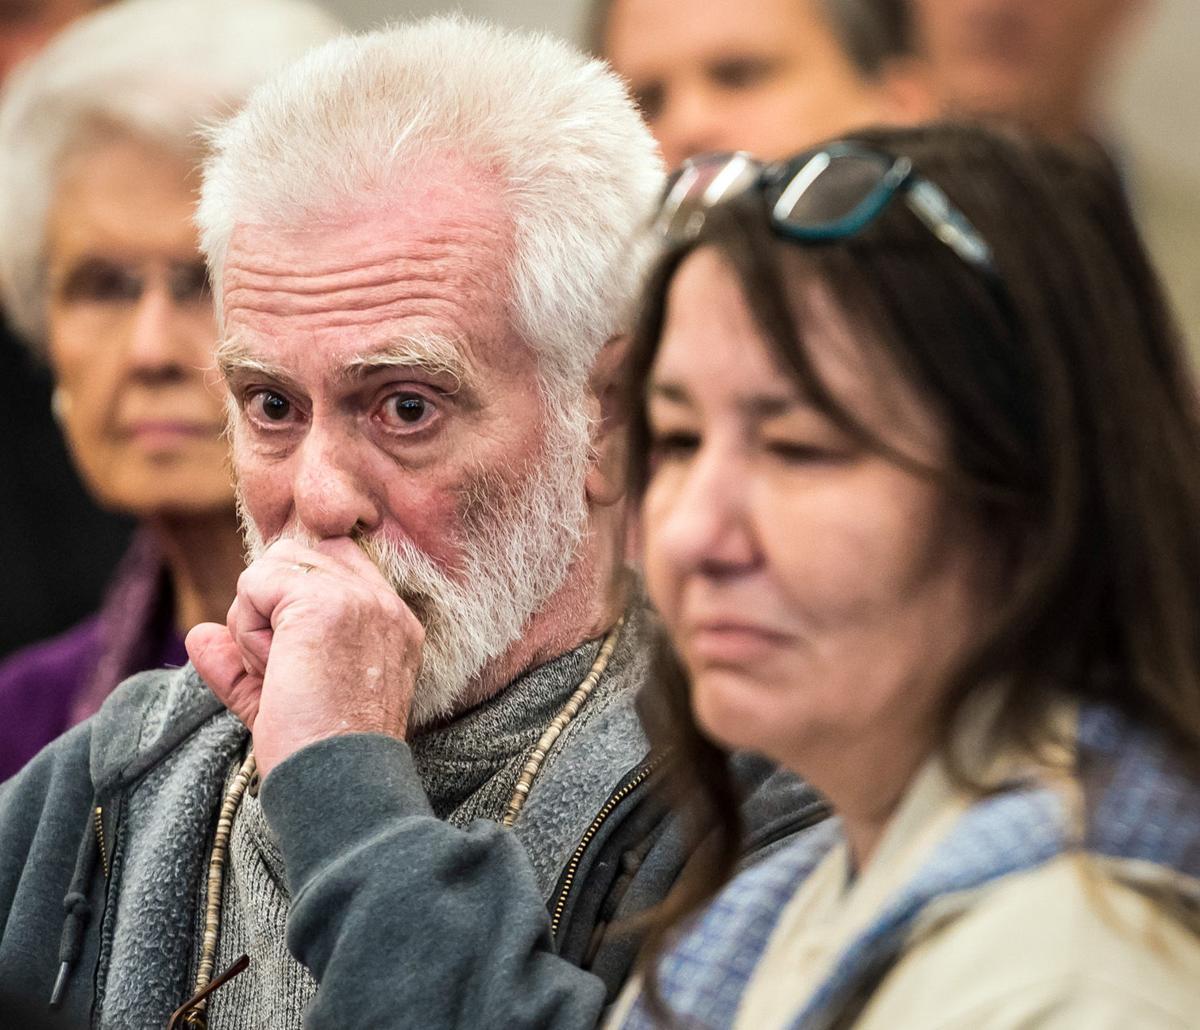 Sexton: Friends remember Bill Bloxham at 2 memorials ...